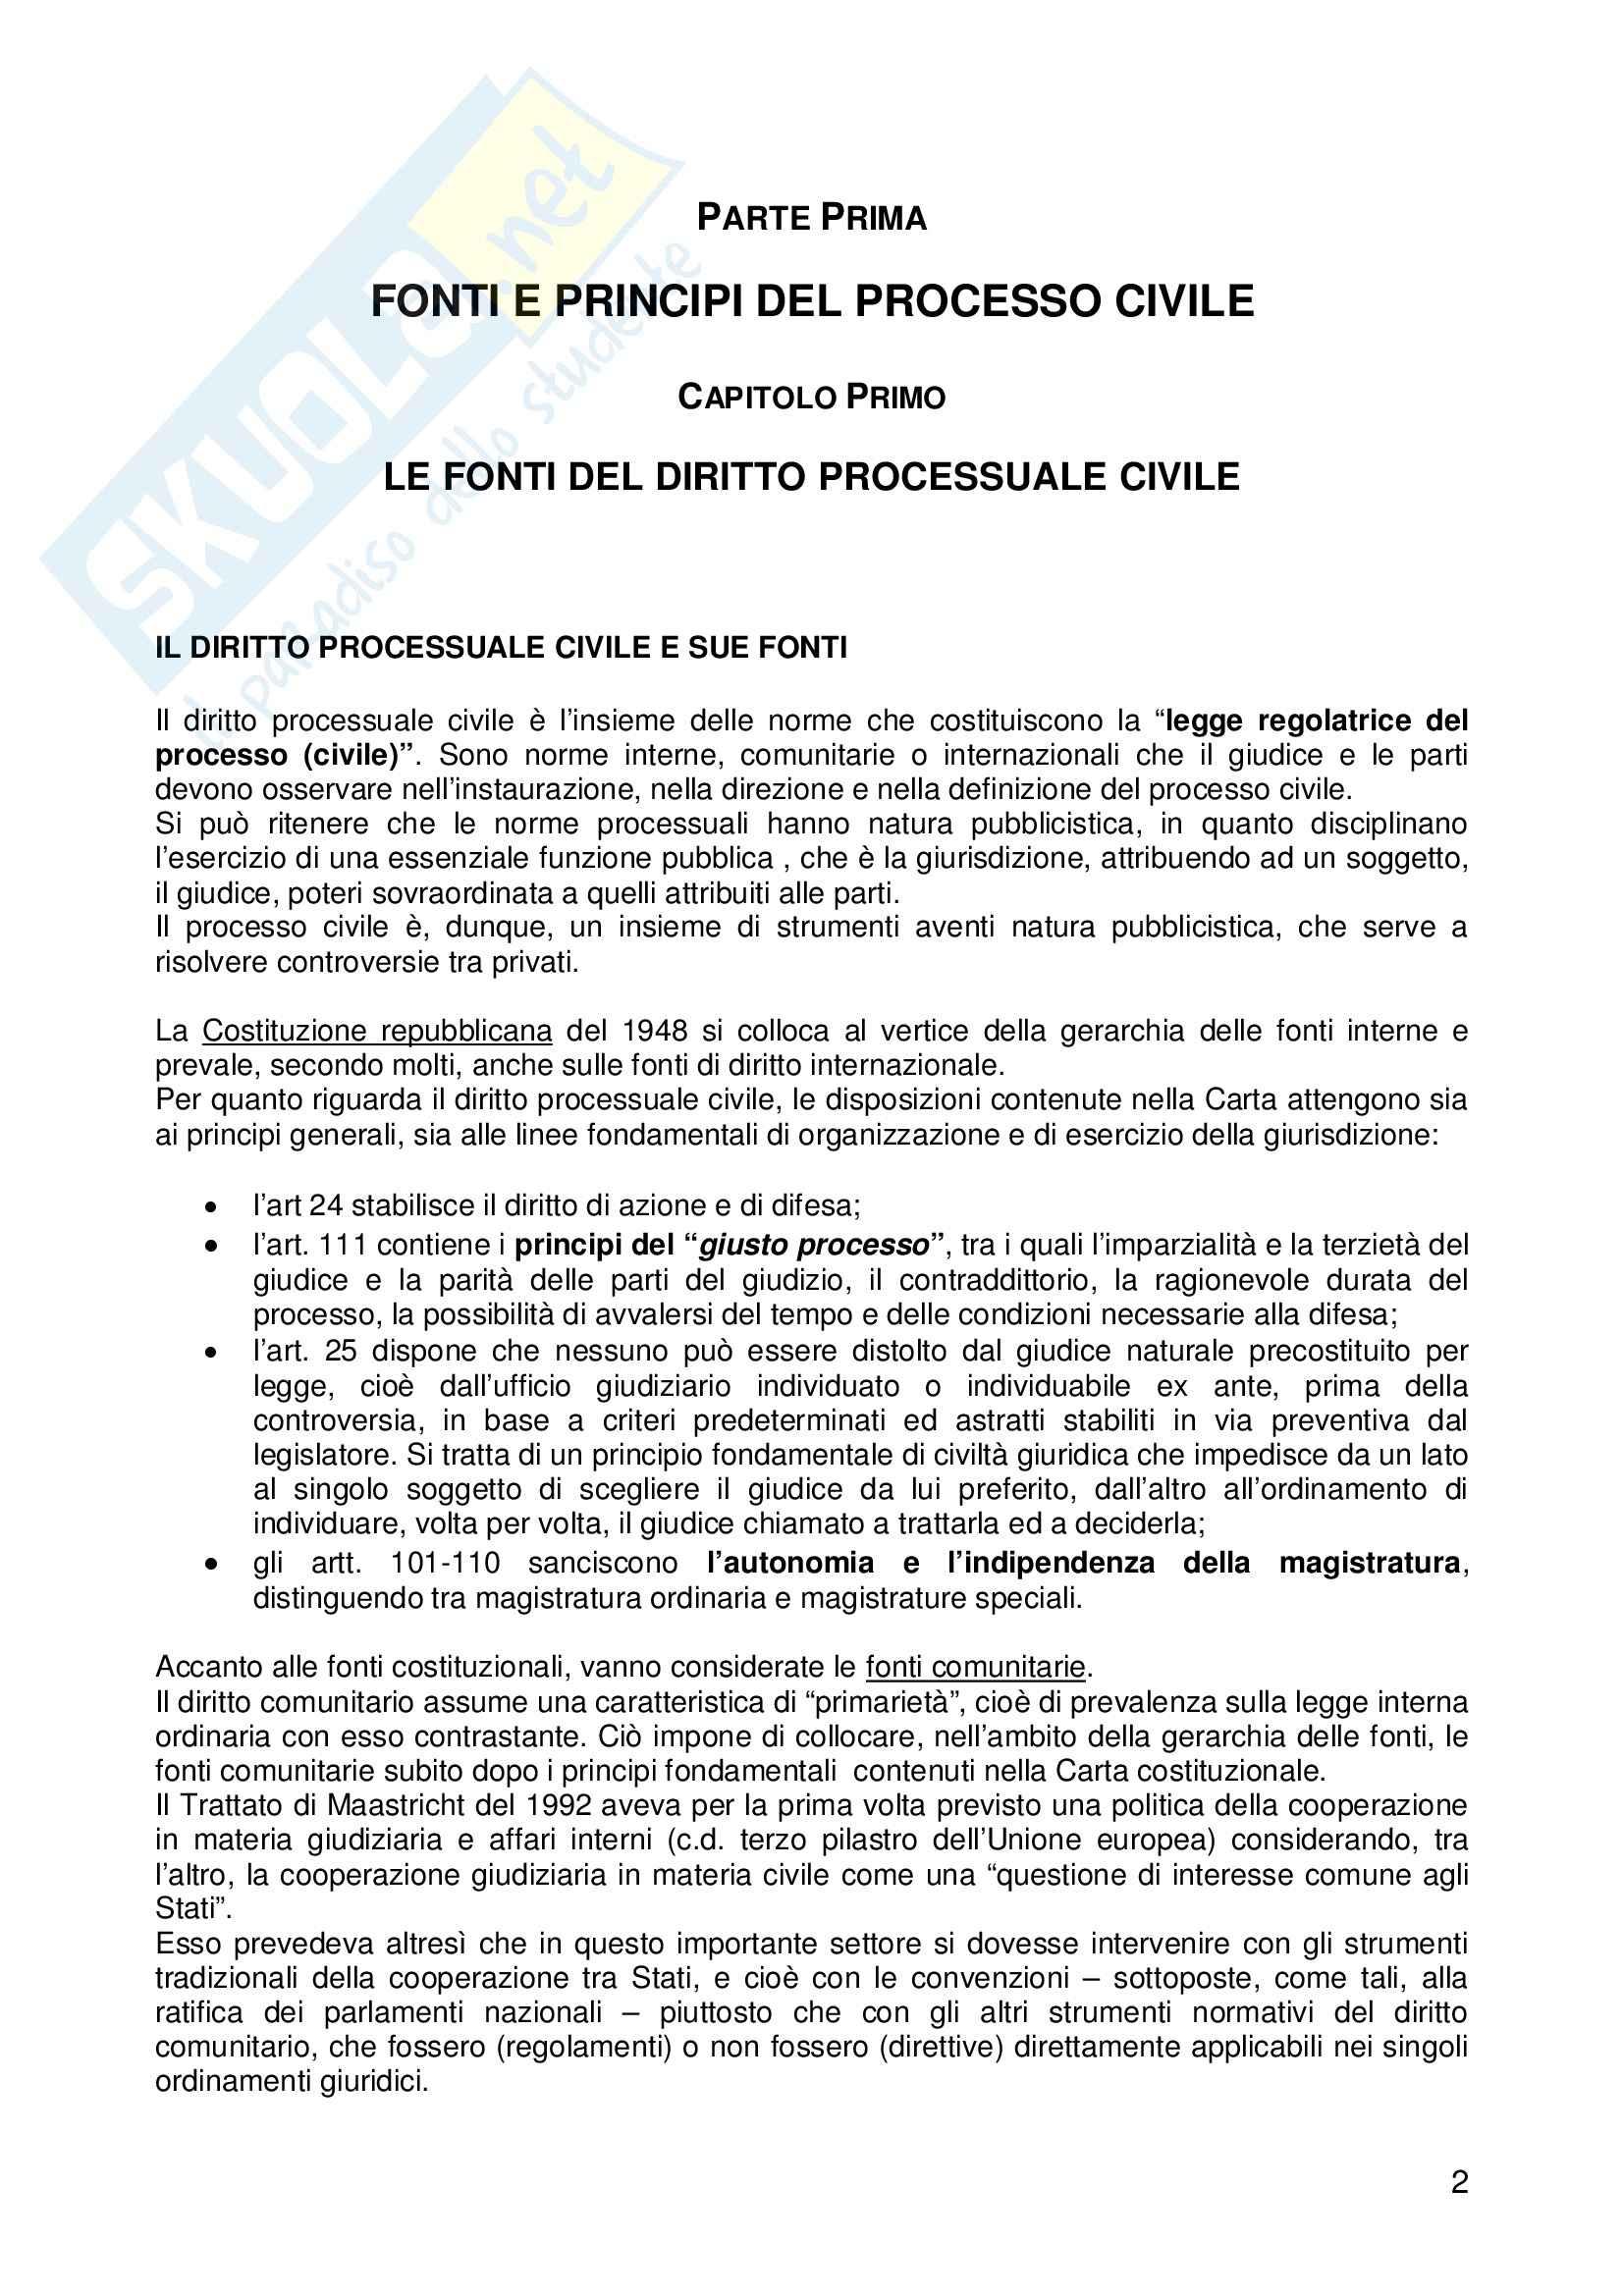 Riassunto esame Diritto processuale civile, prof. Arieta, libro consigliato Corso base di Diritto processuale civile, De Sanctis